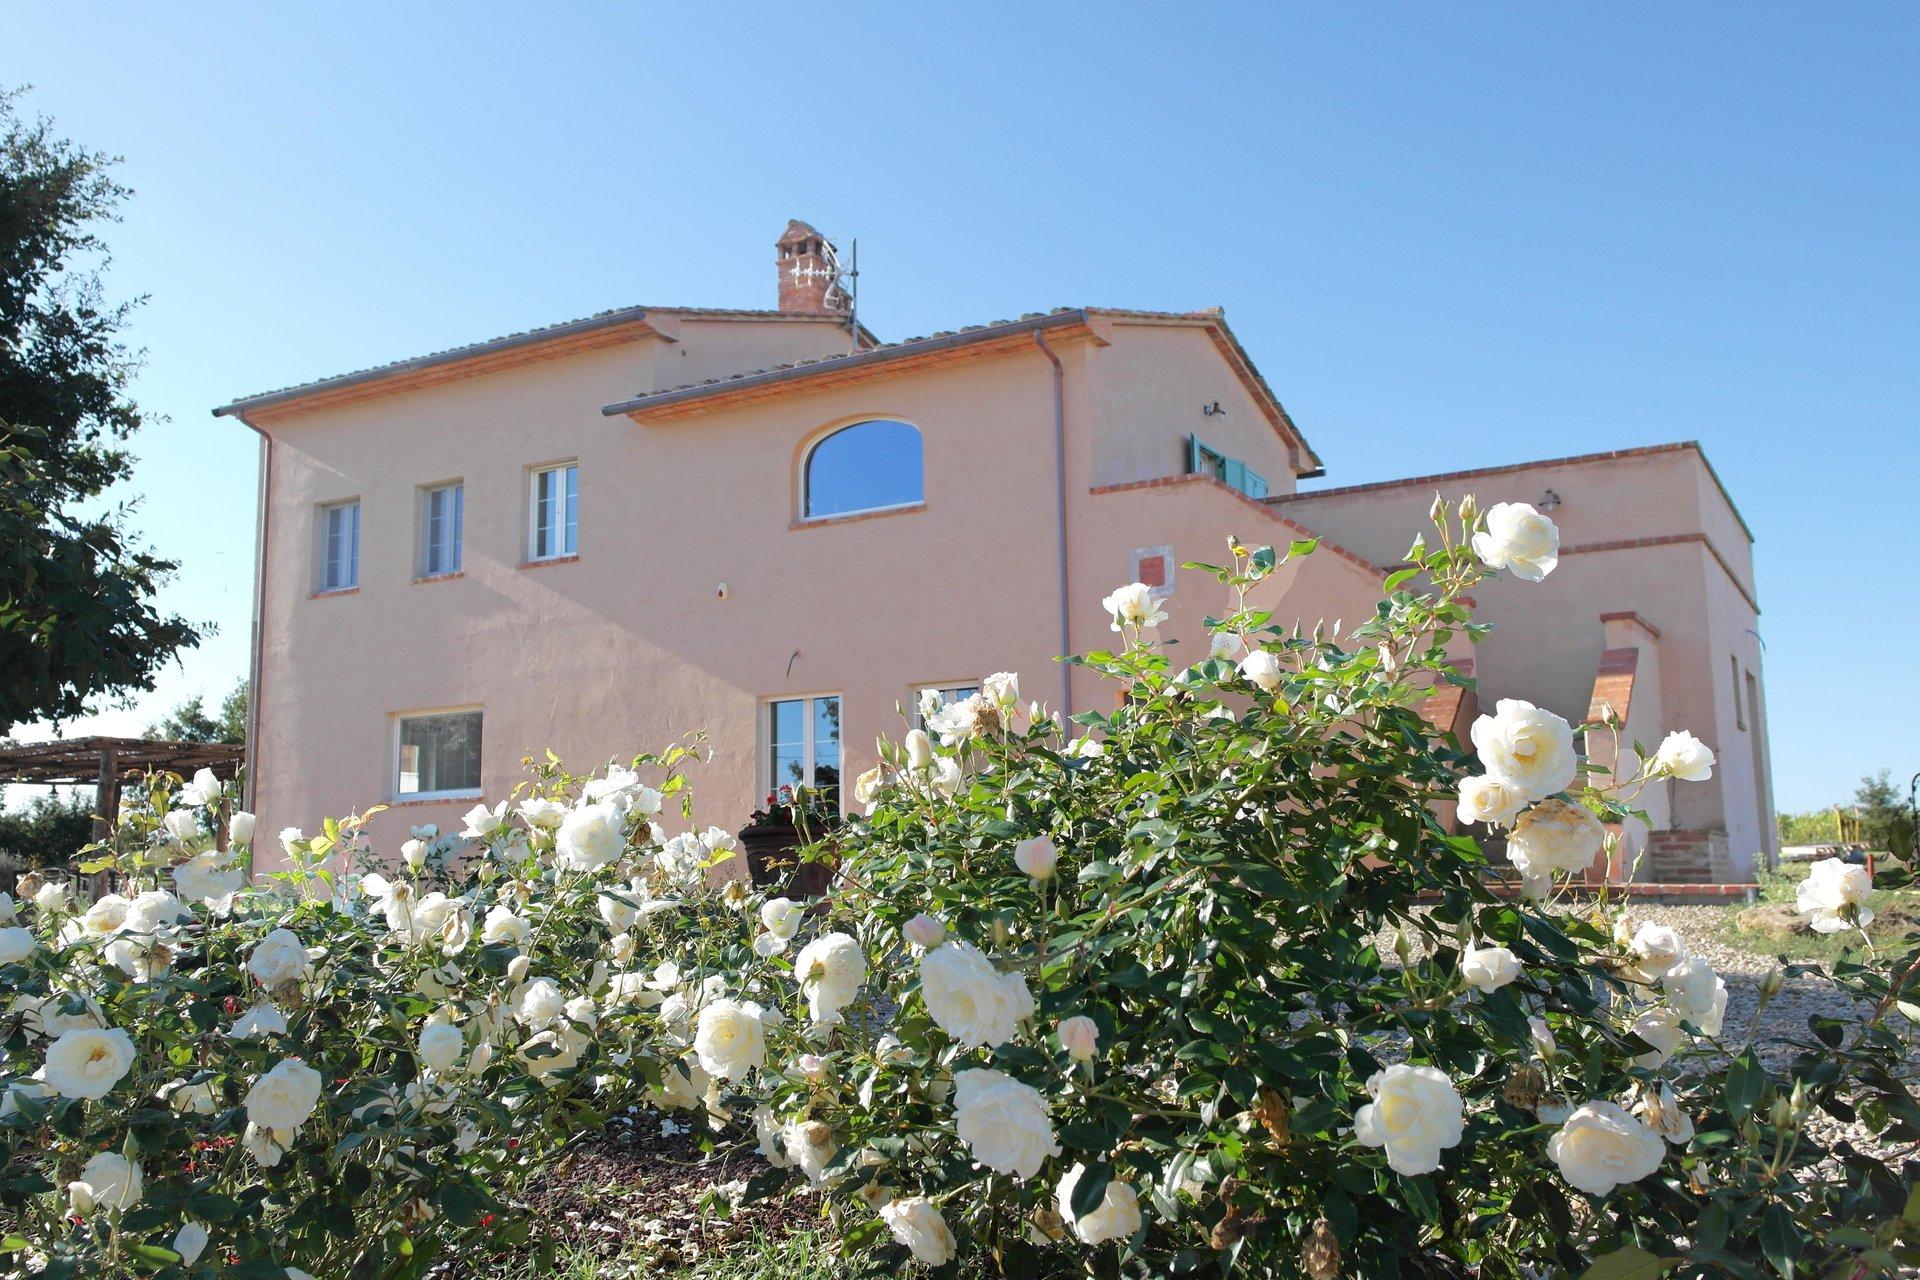 Verkauf Landhaus - Castiglion Fiorentino - Italien